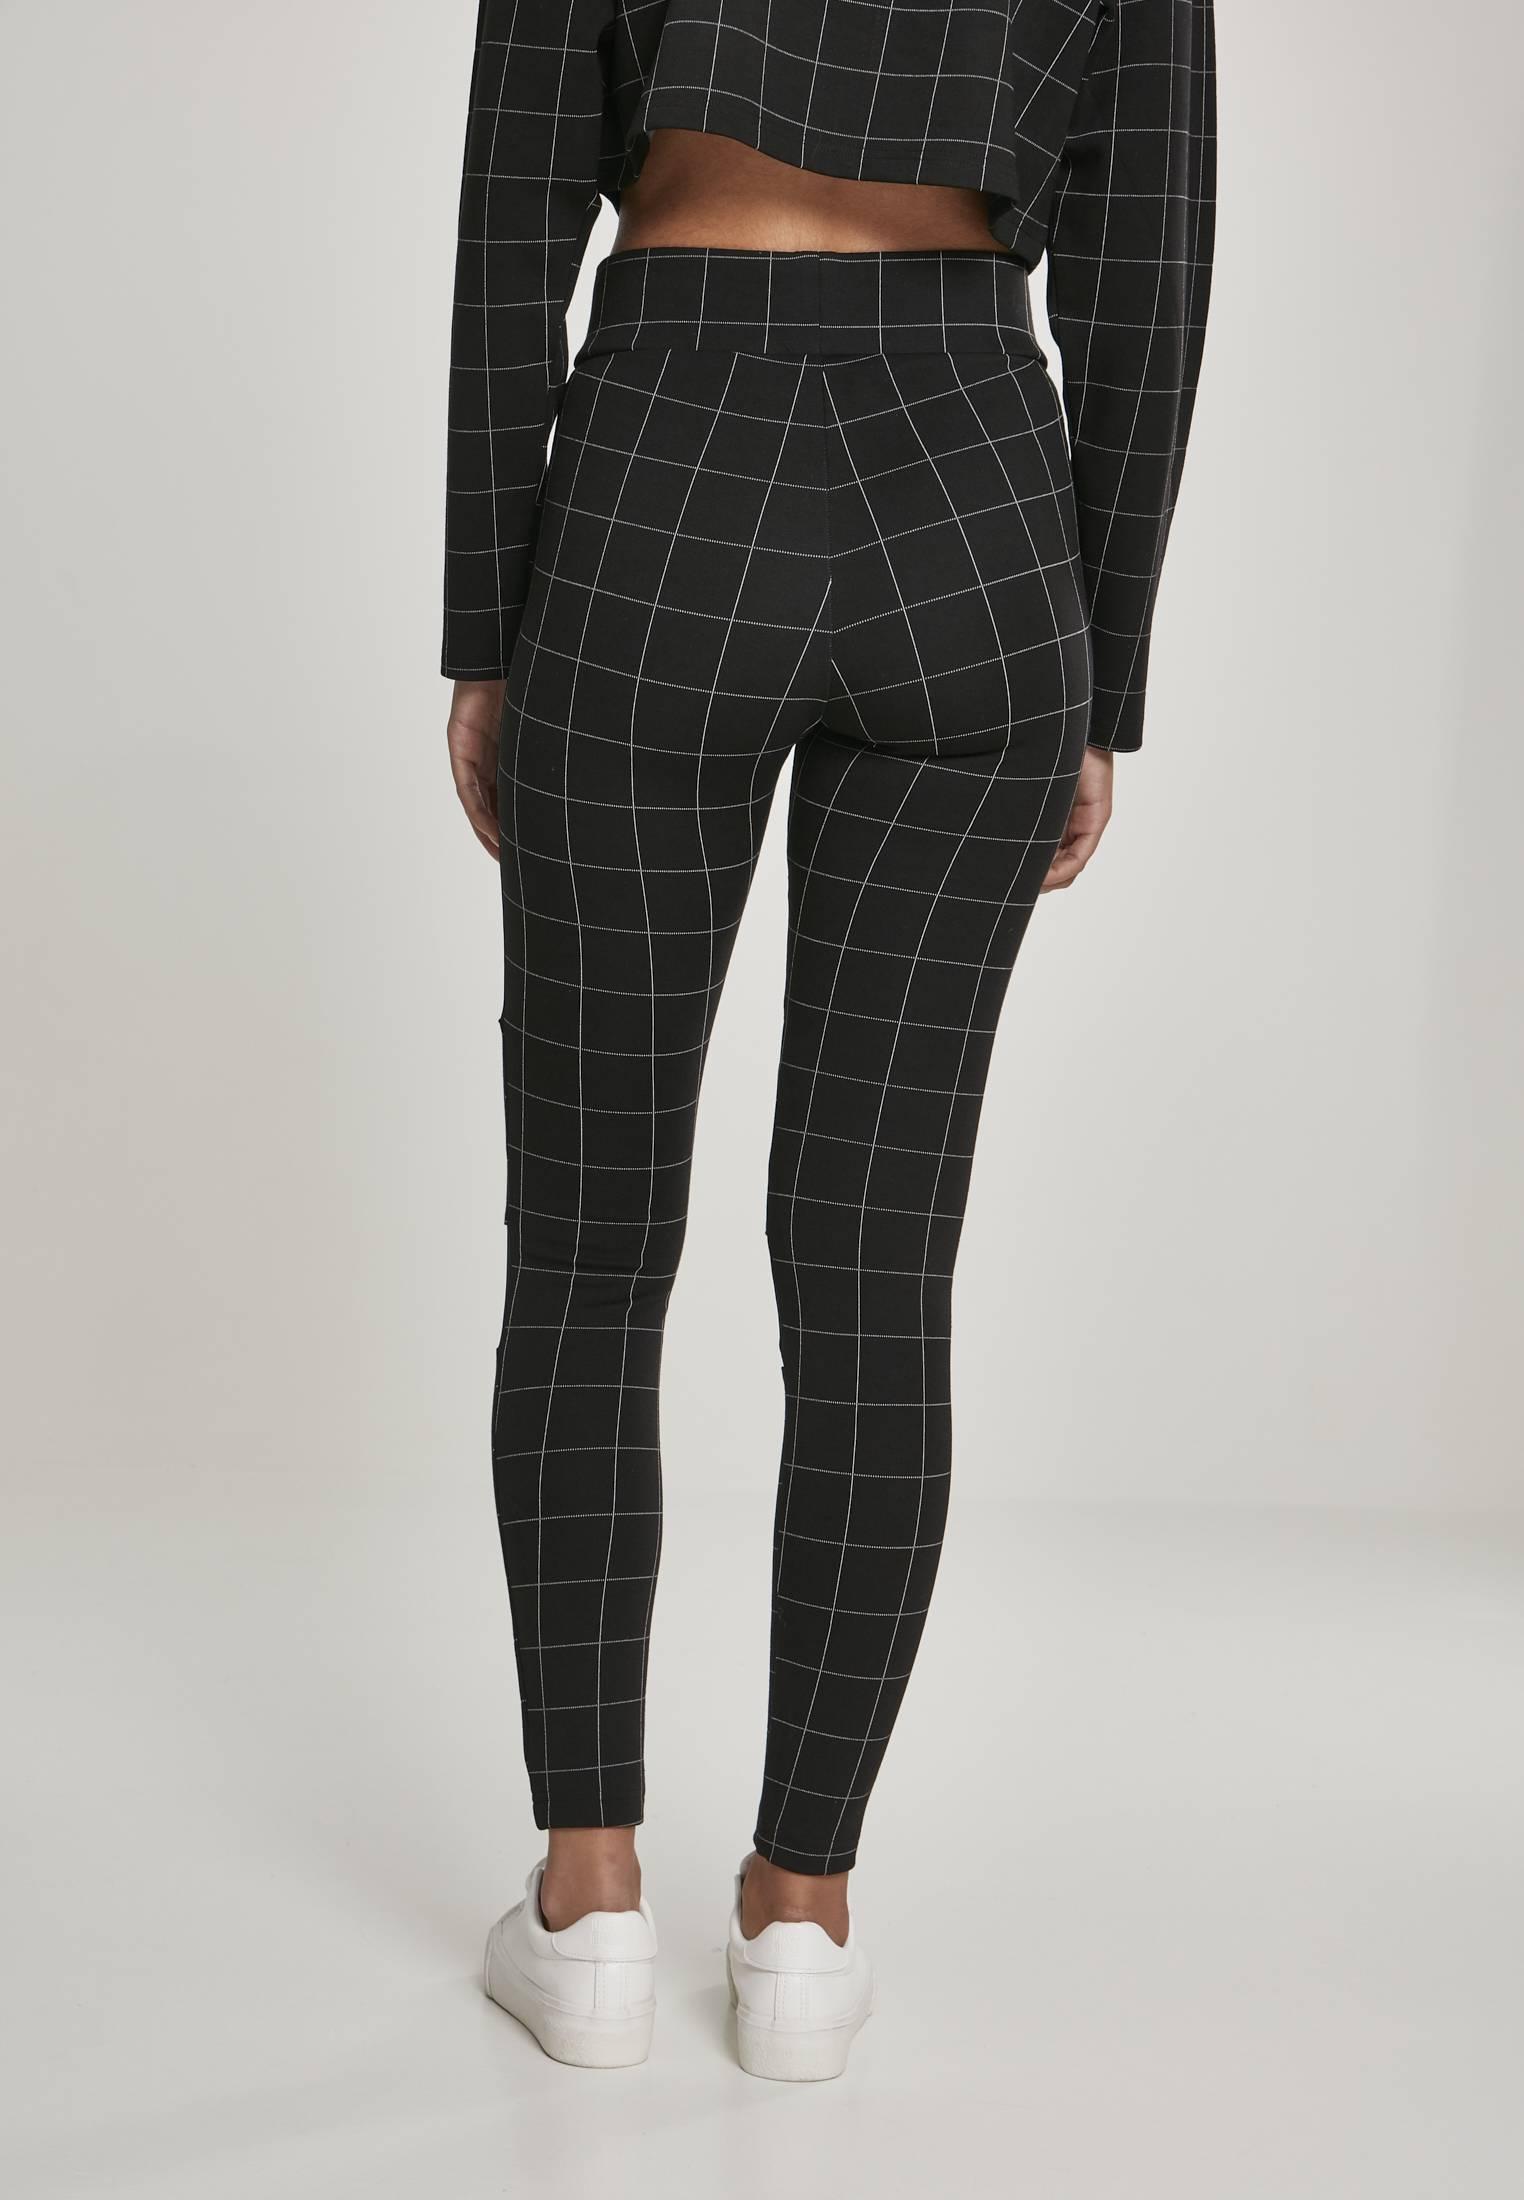 Urban Classics Check High Waist Leggings black/white - 3XL